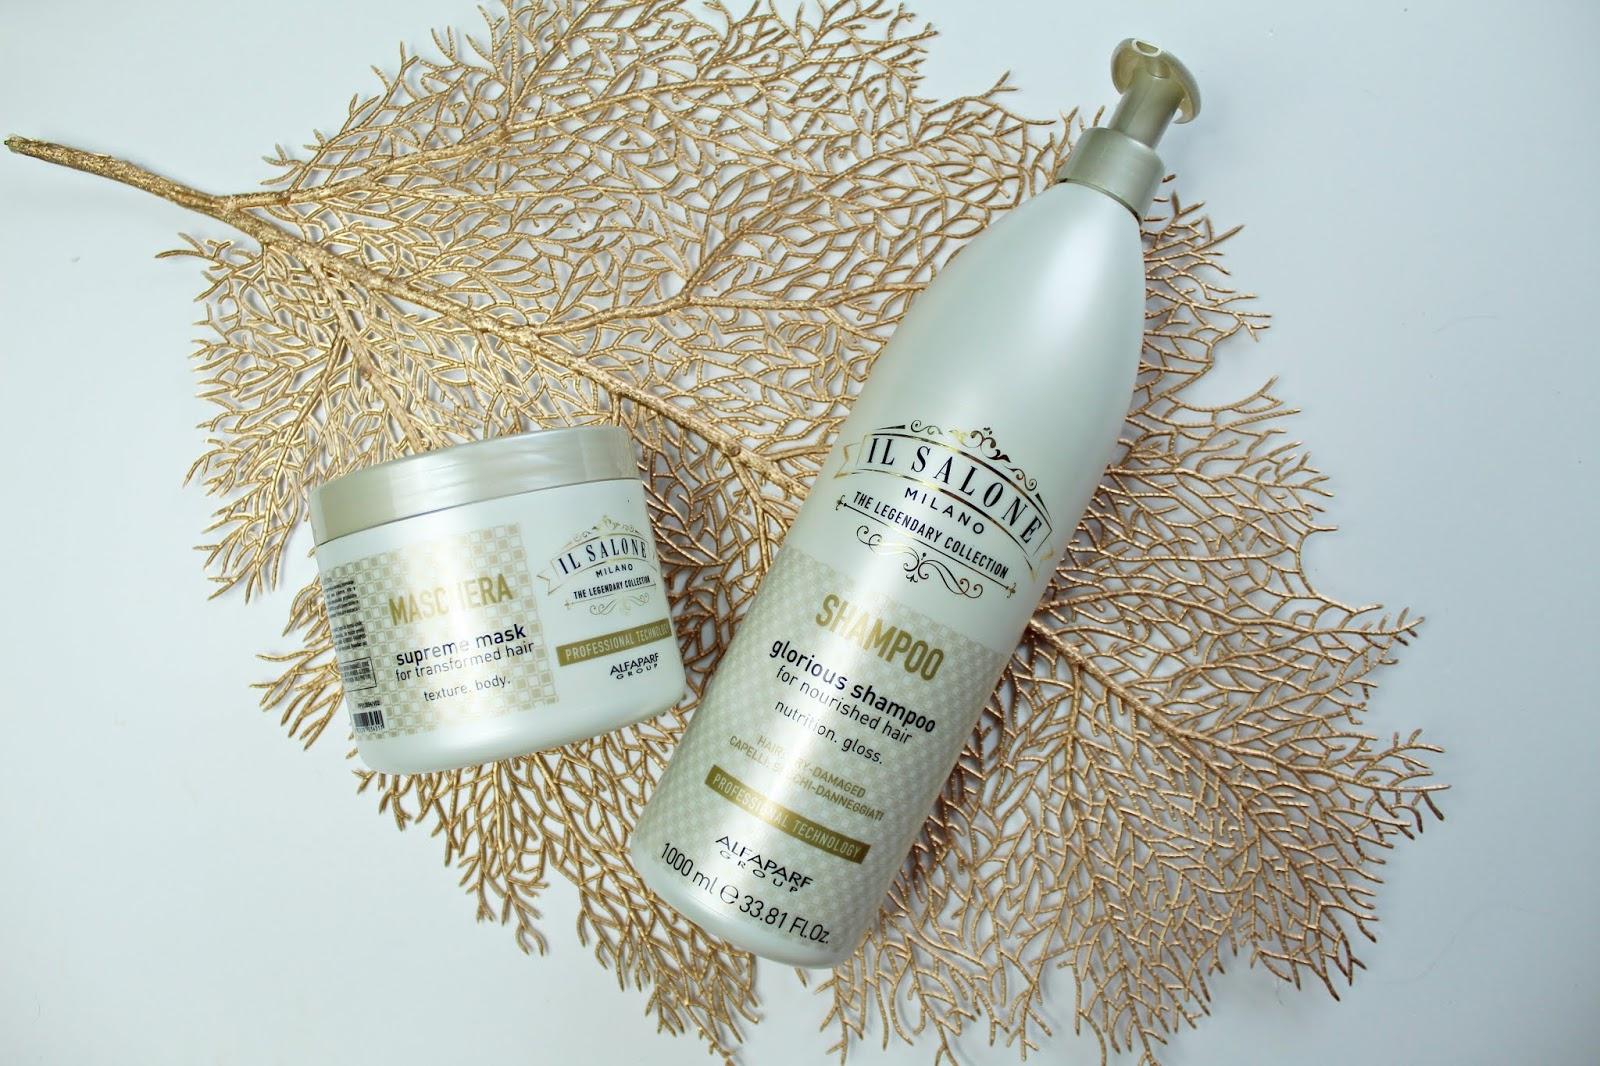 Profesjonalna pielęgnacja włosów z IL SALONE MILANO - Glorious Shampoo i Supreme mask